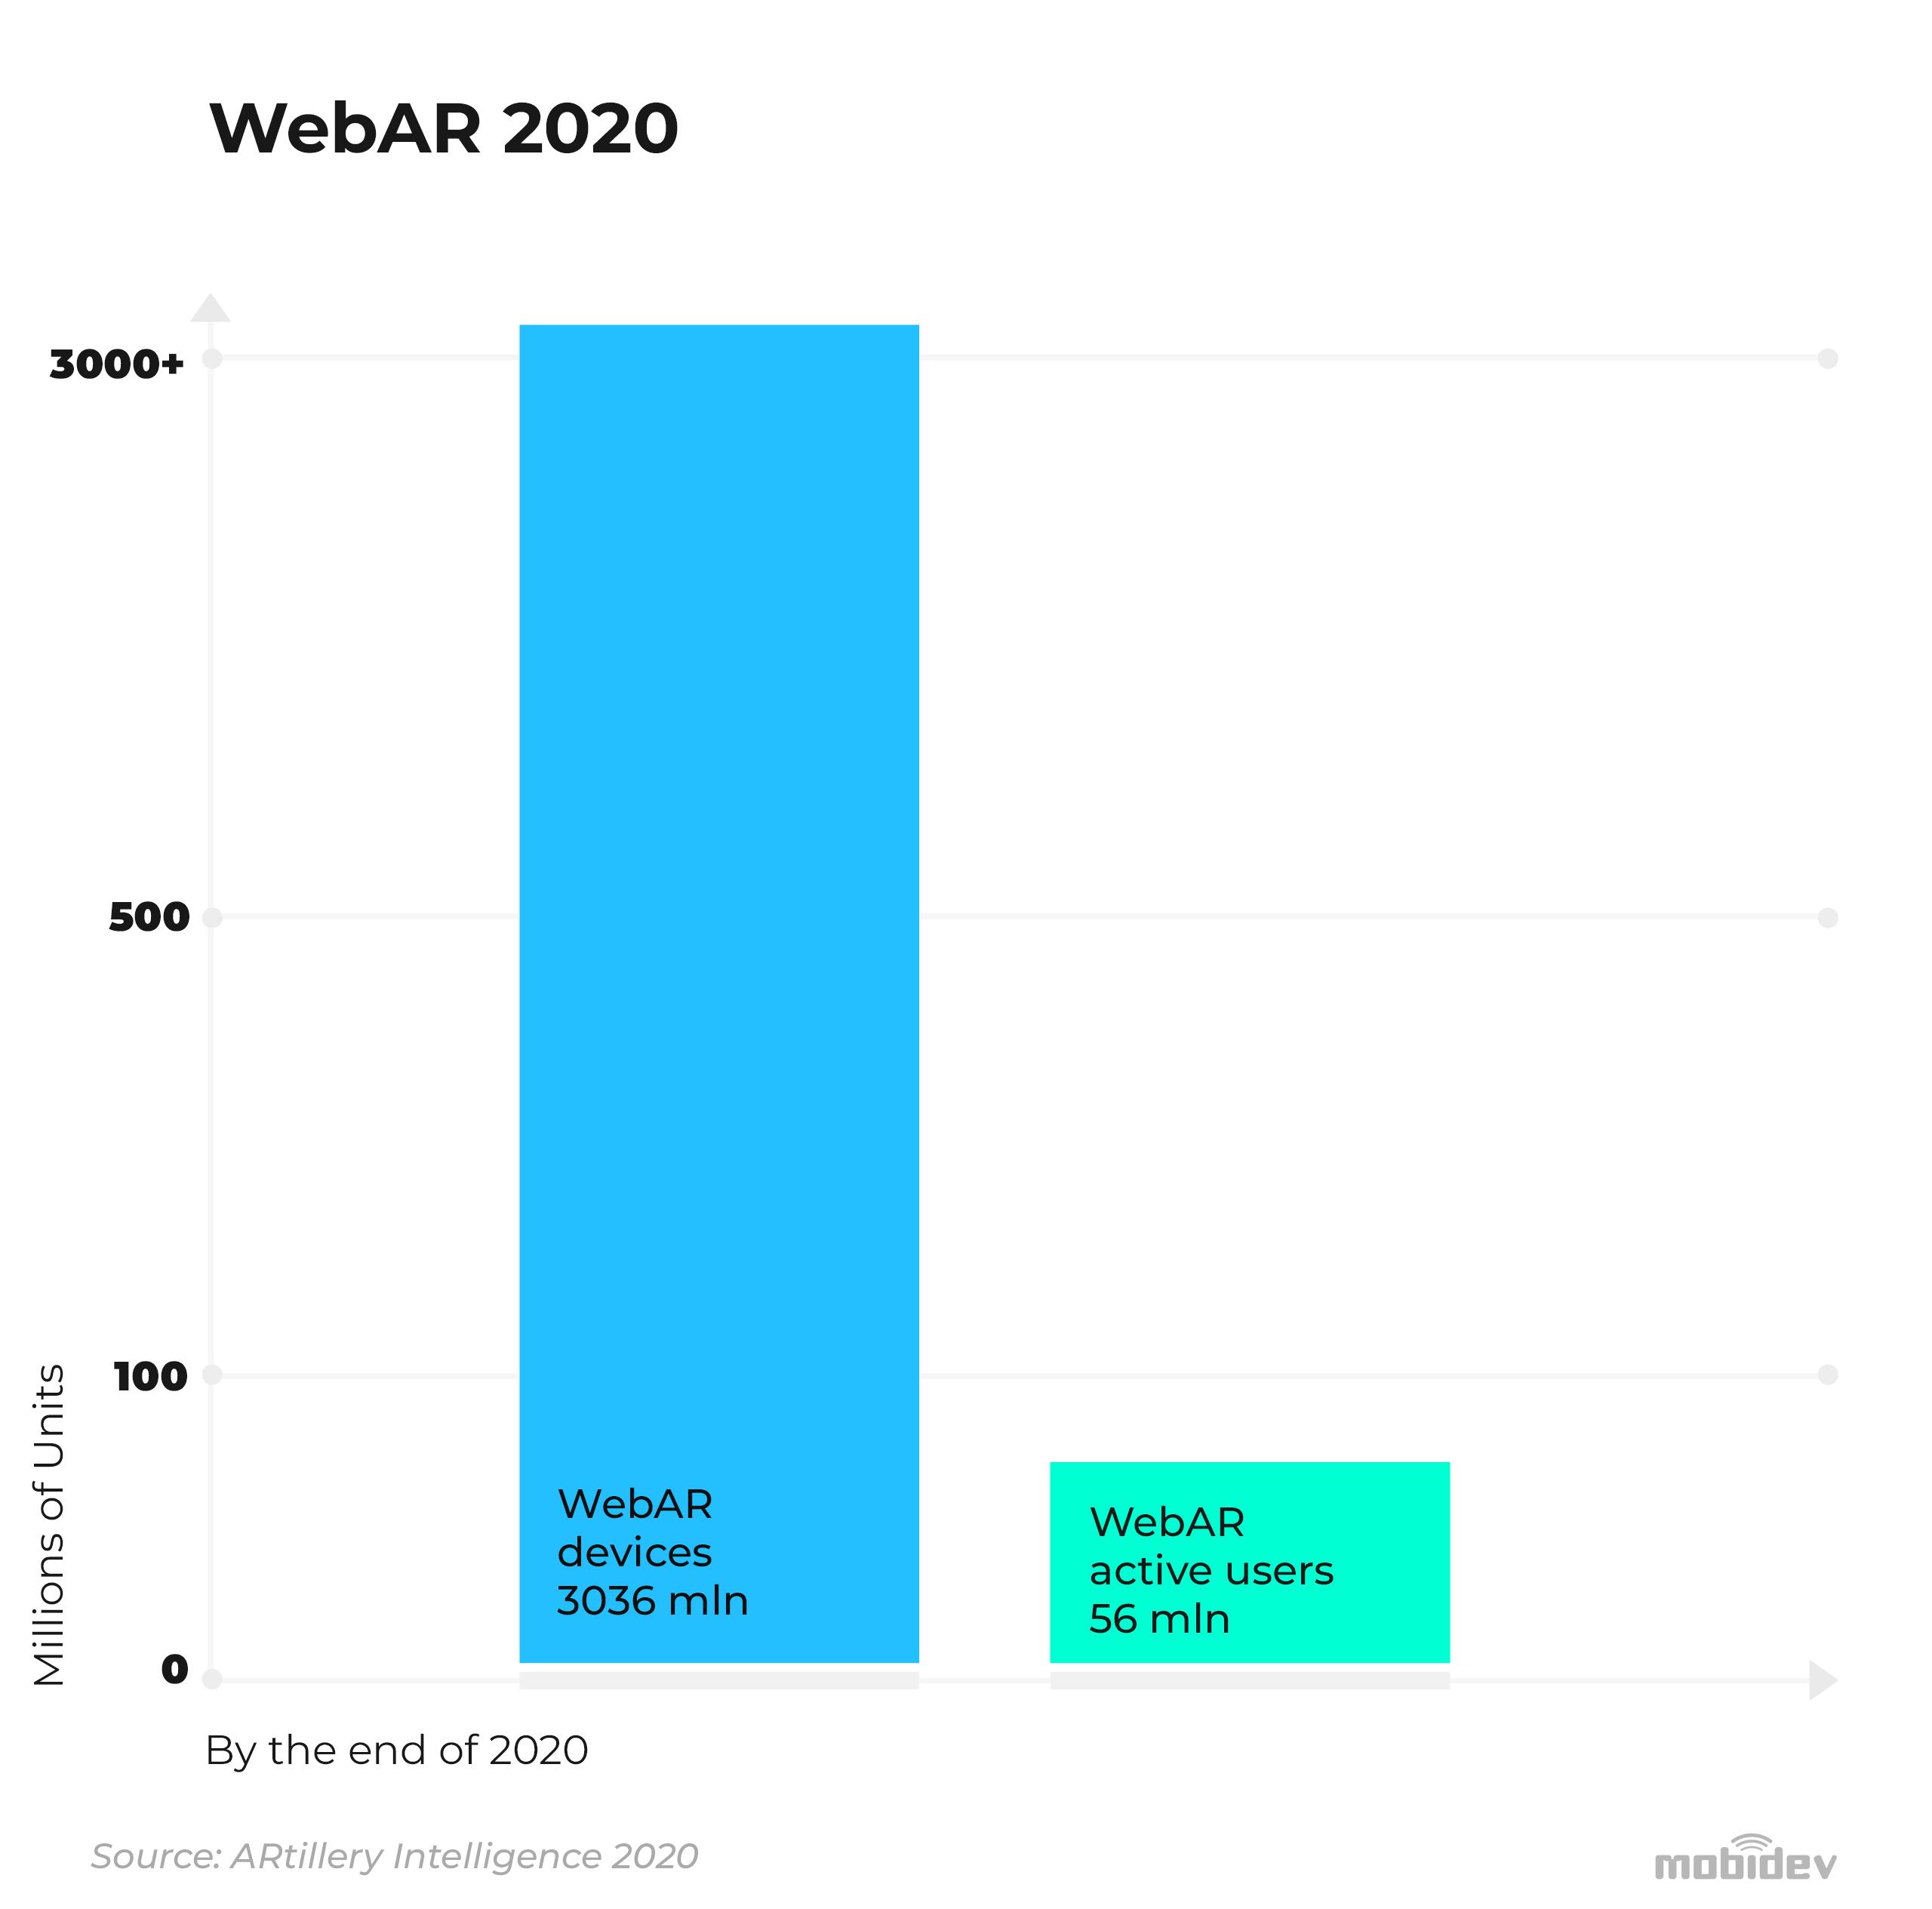 WebAR has 3.04 billion compatible devices